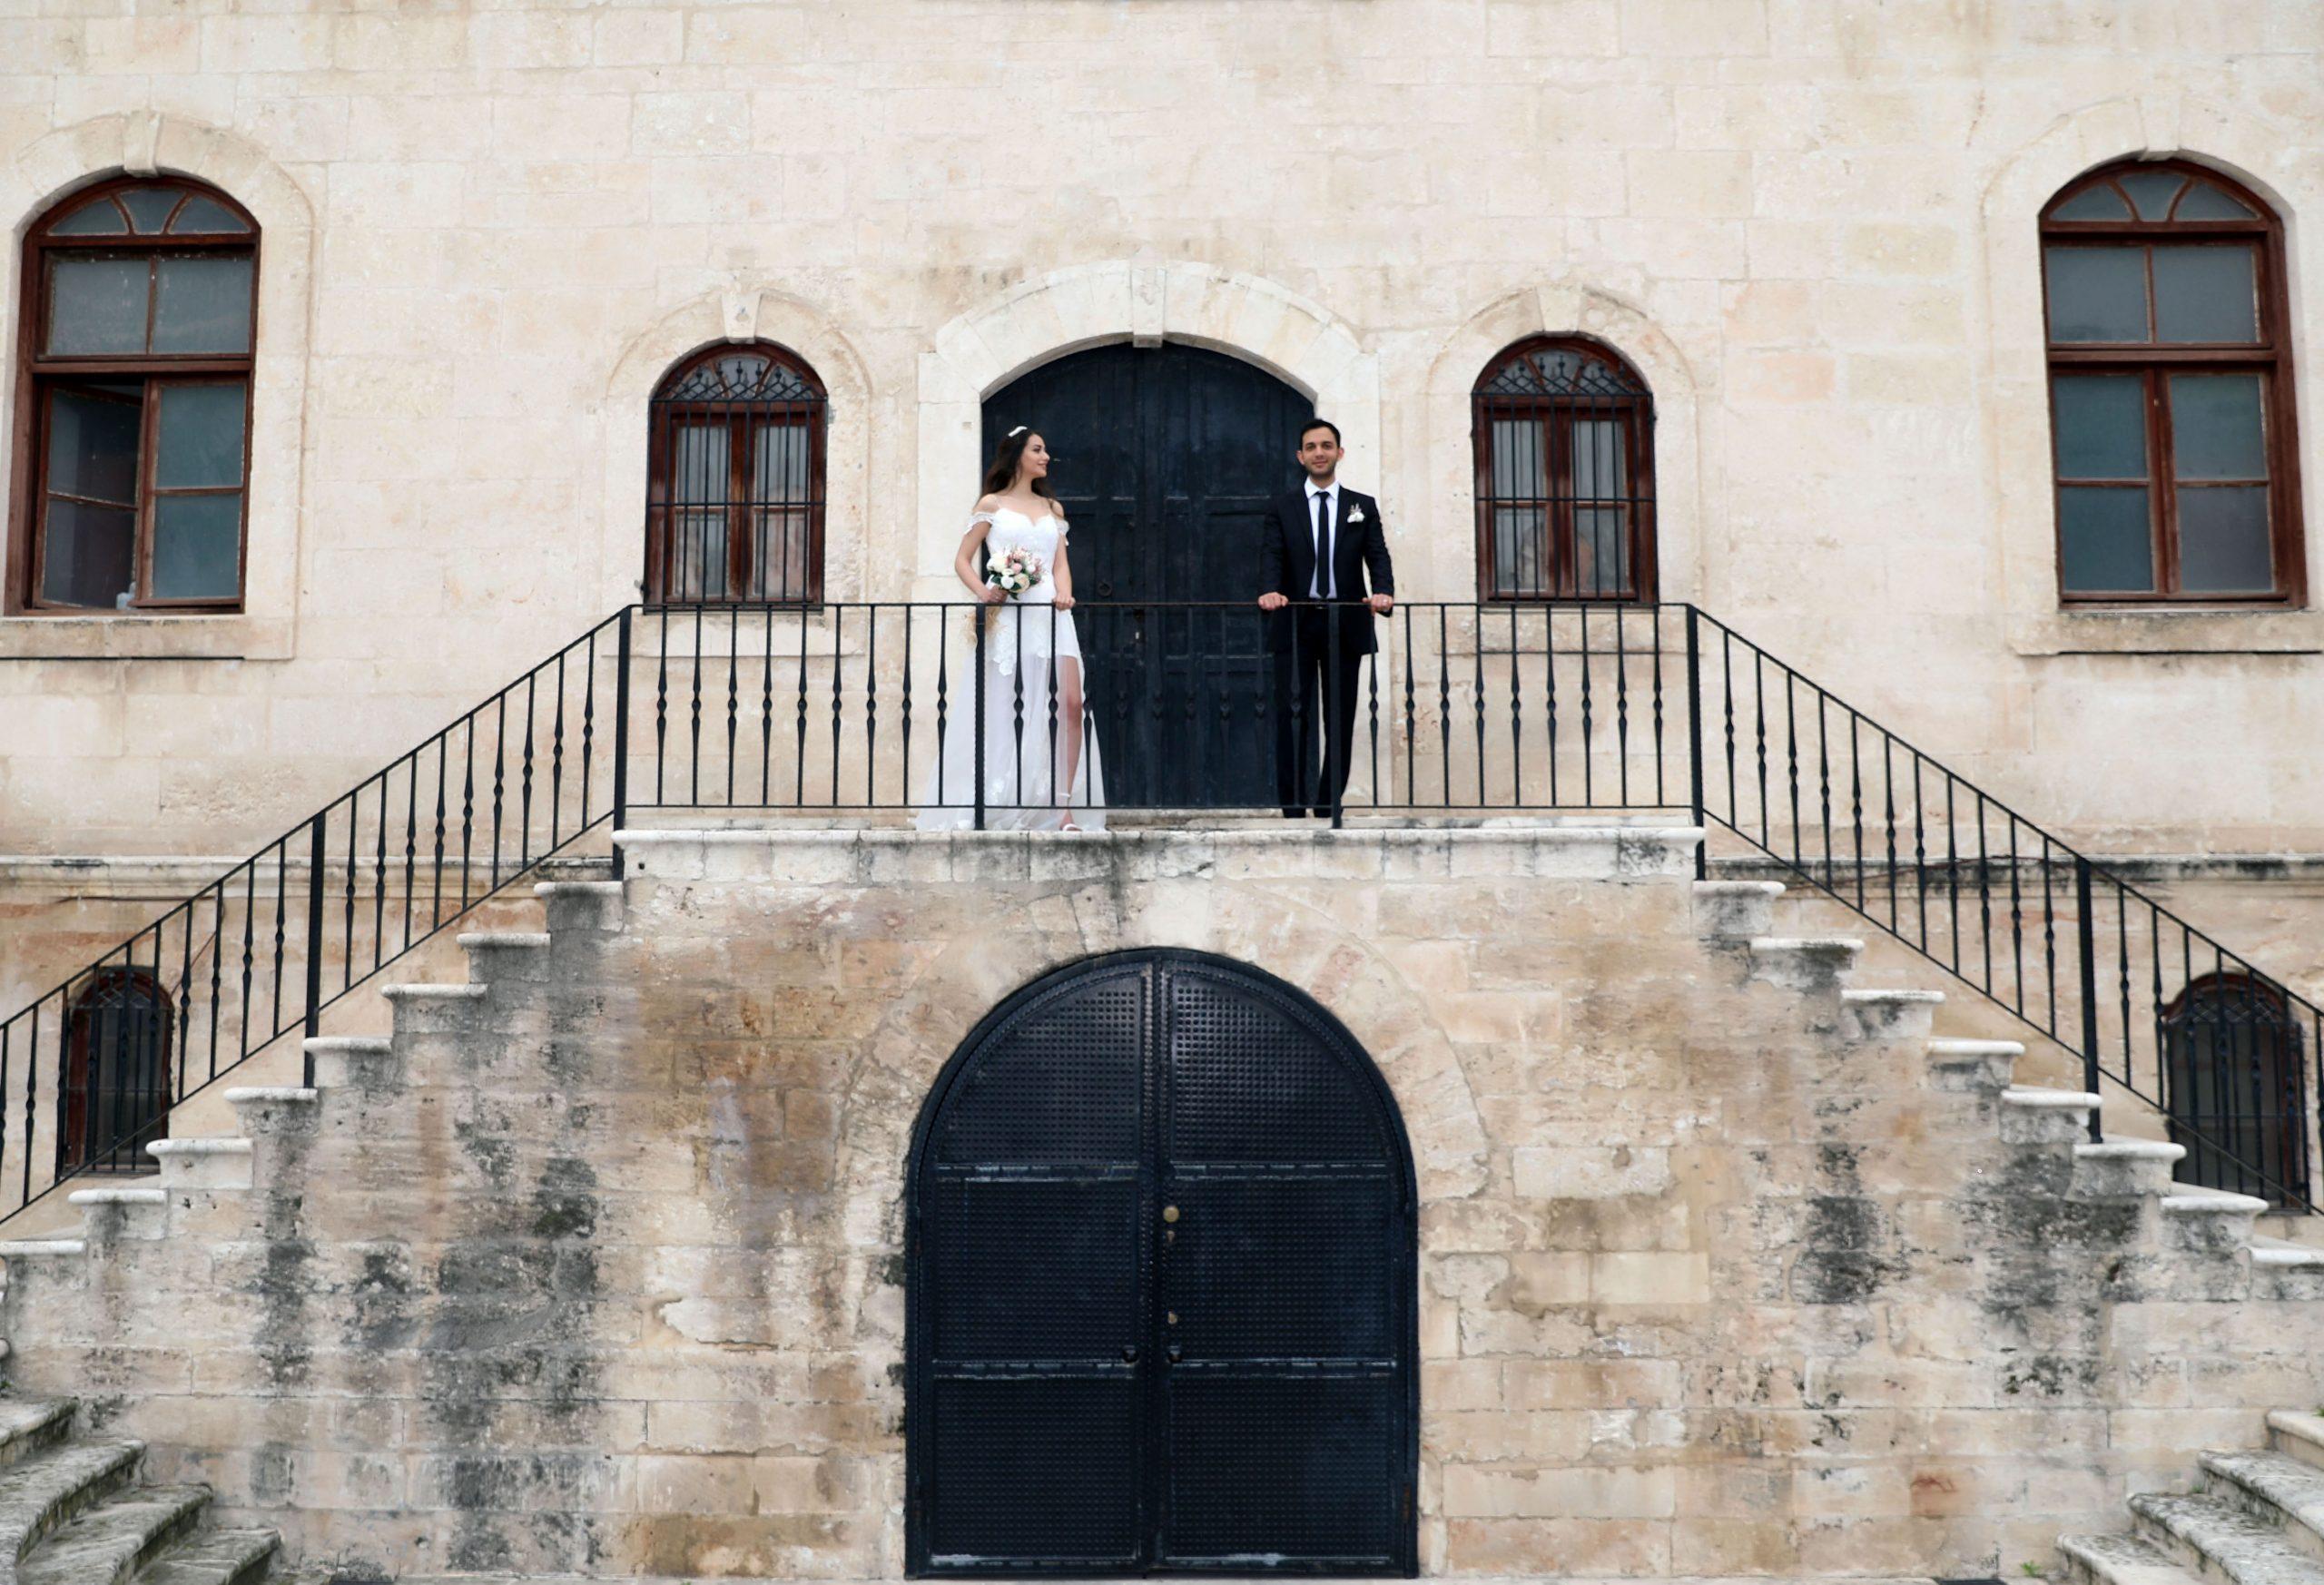 Evlenecek çiftlere tavsiyeler